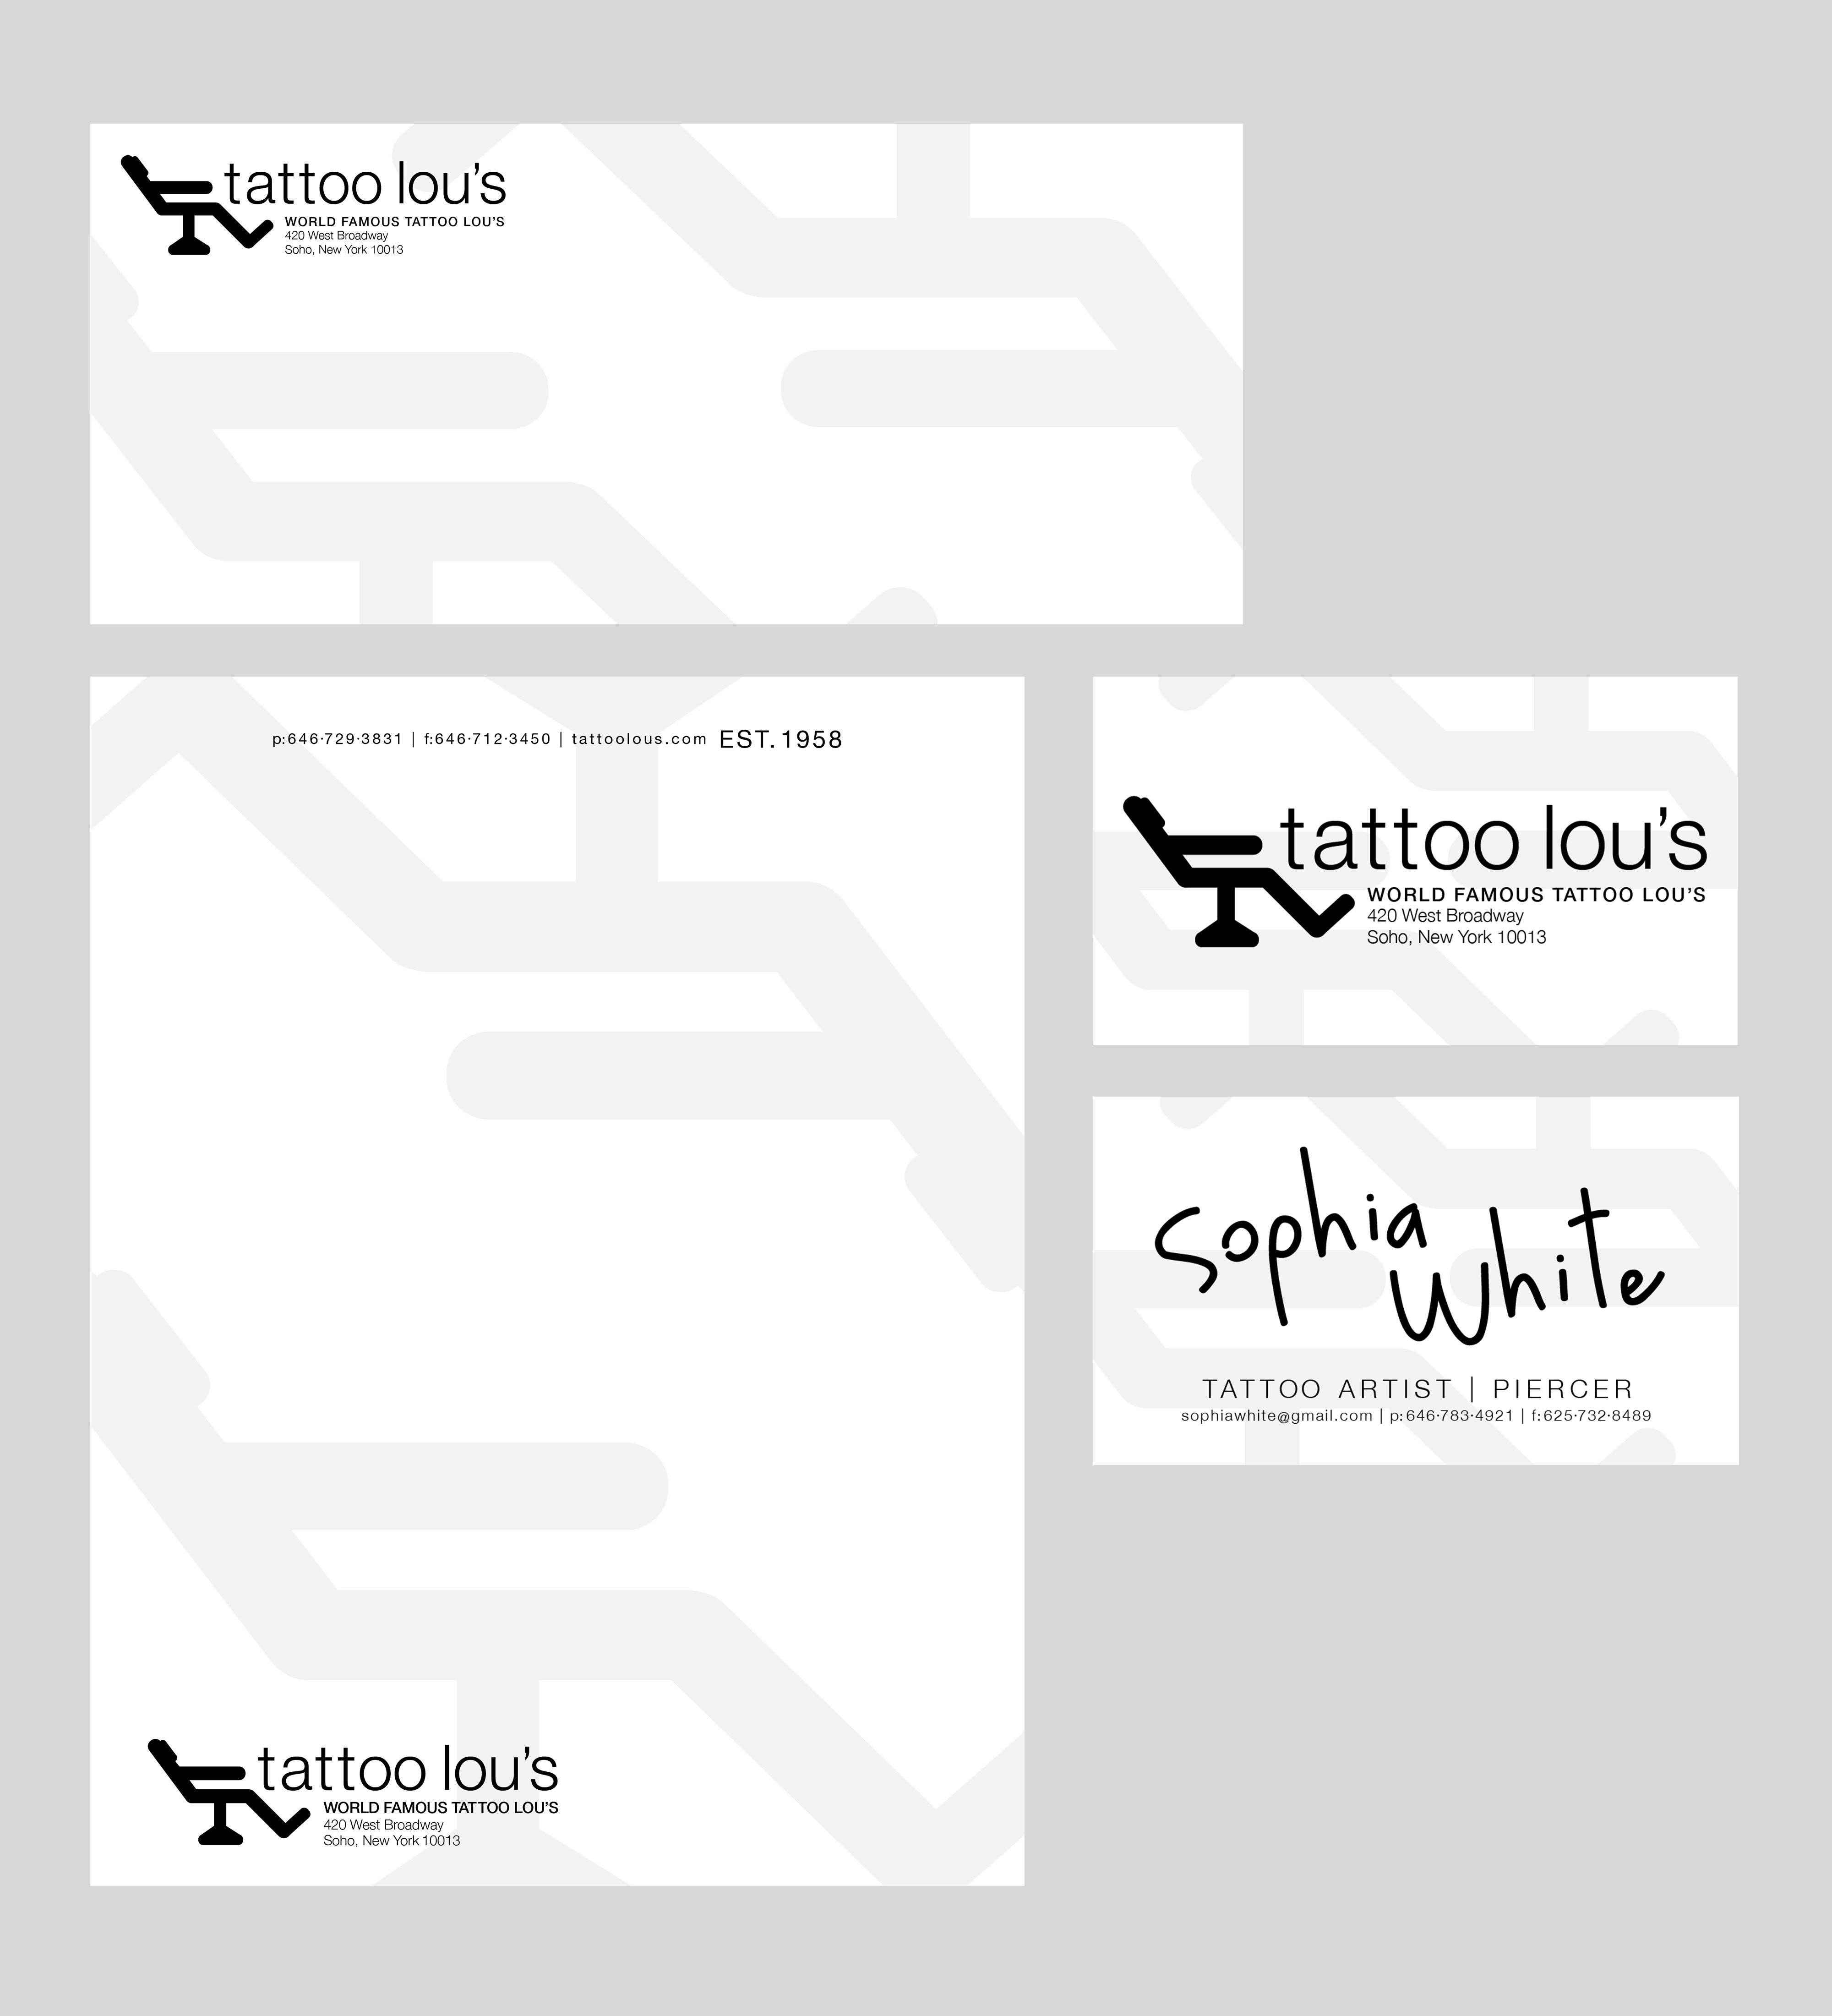 Tattoo Lou's